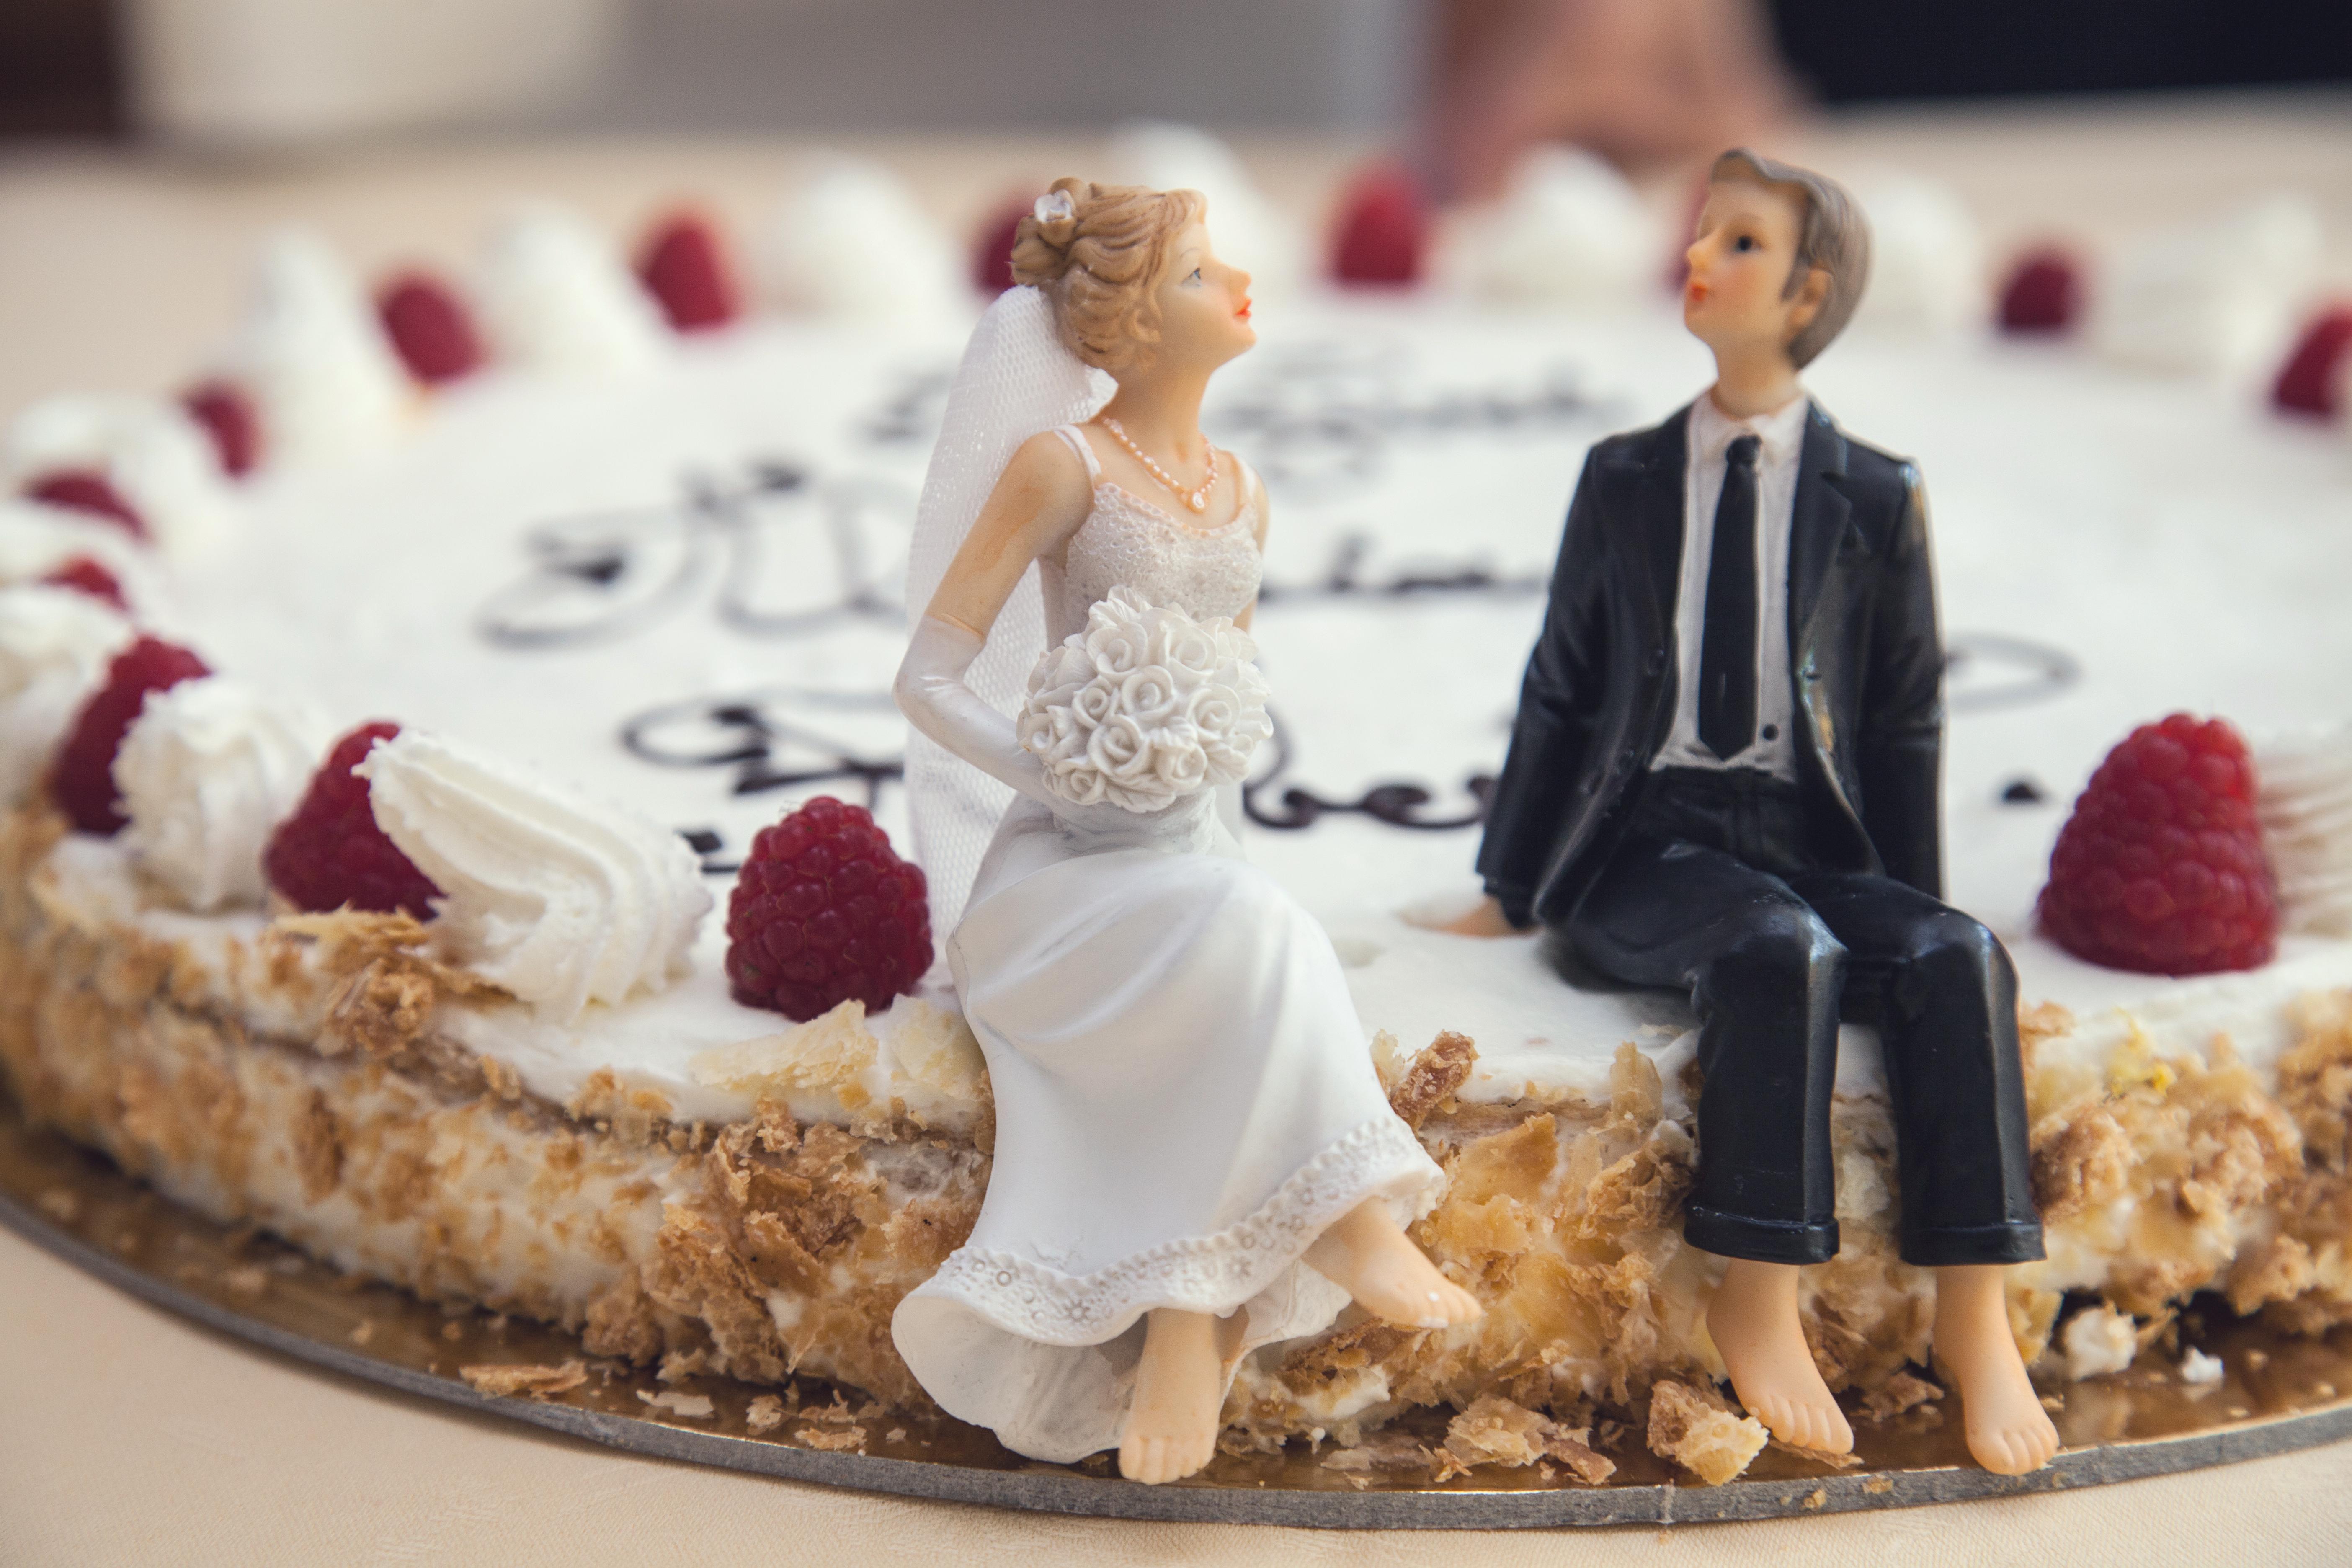 お見合い結婚も悪くない?!現代のお見合い結婚事情を分析!のサムネイル画像